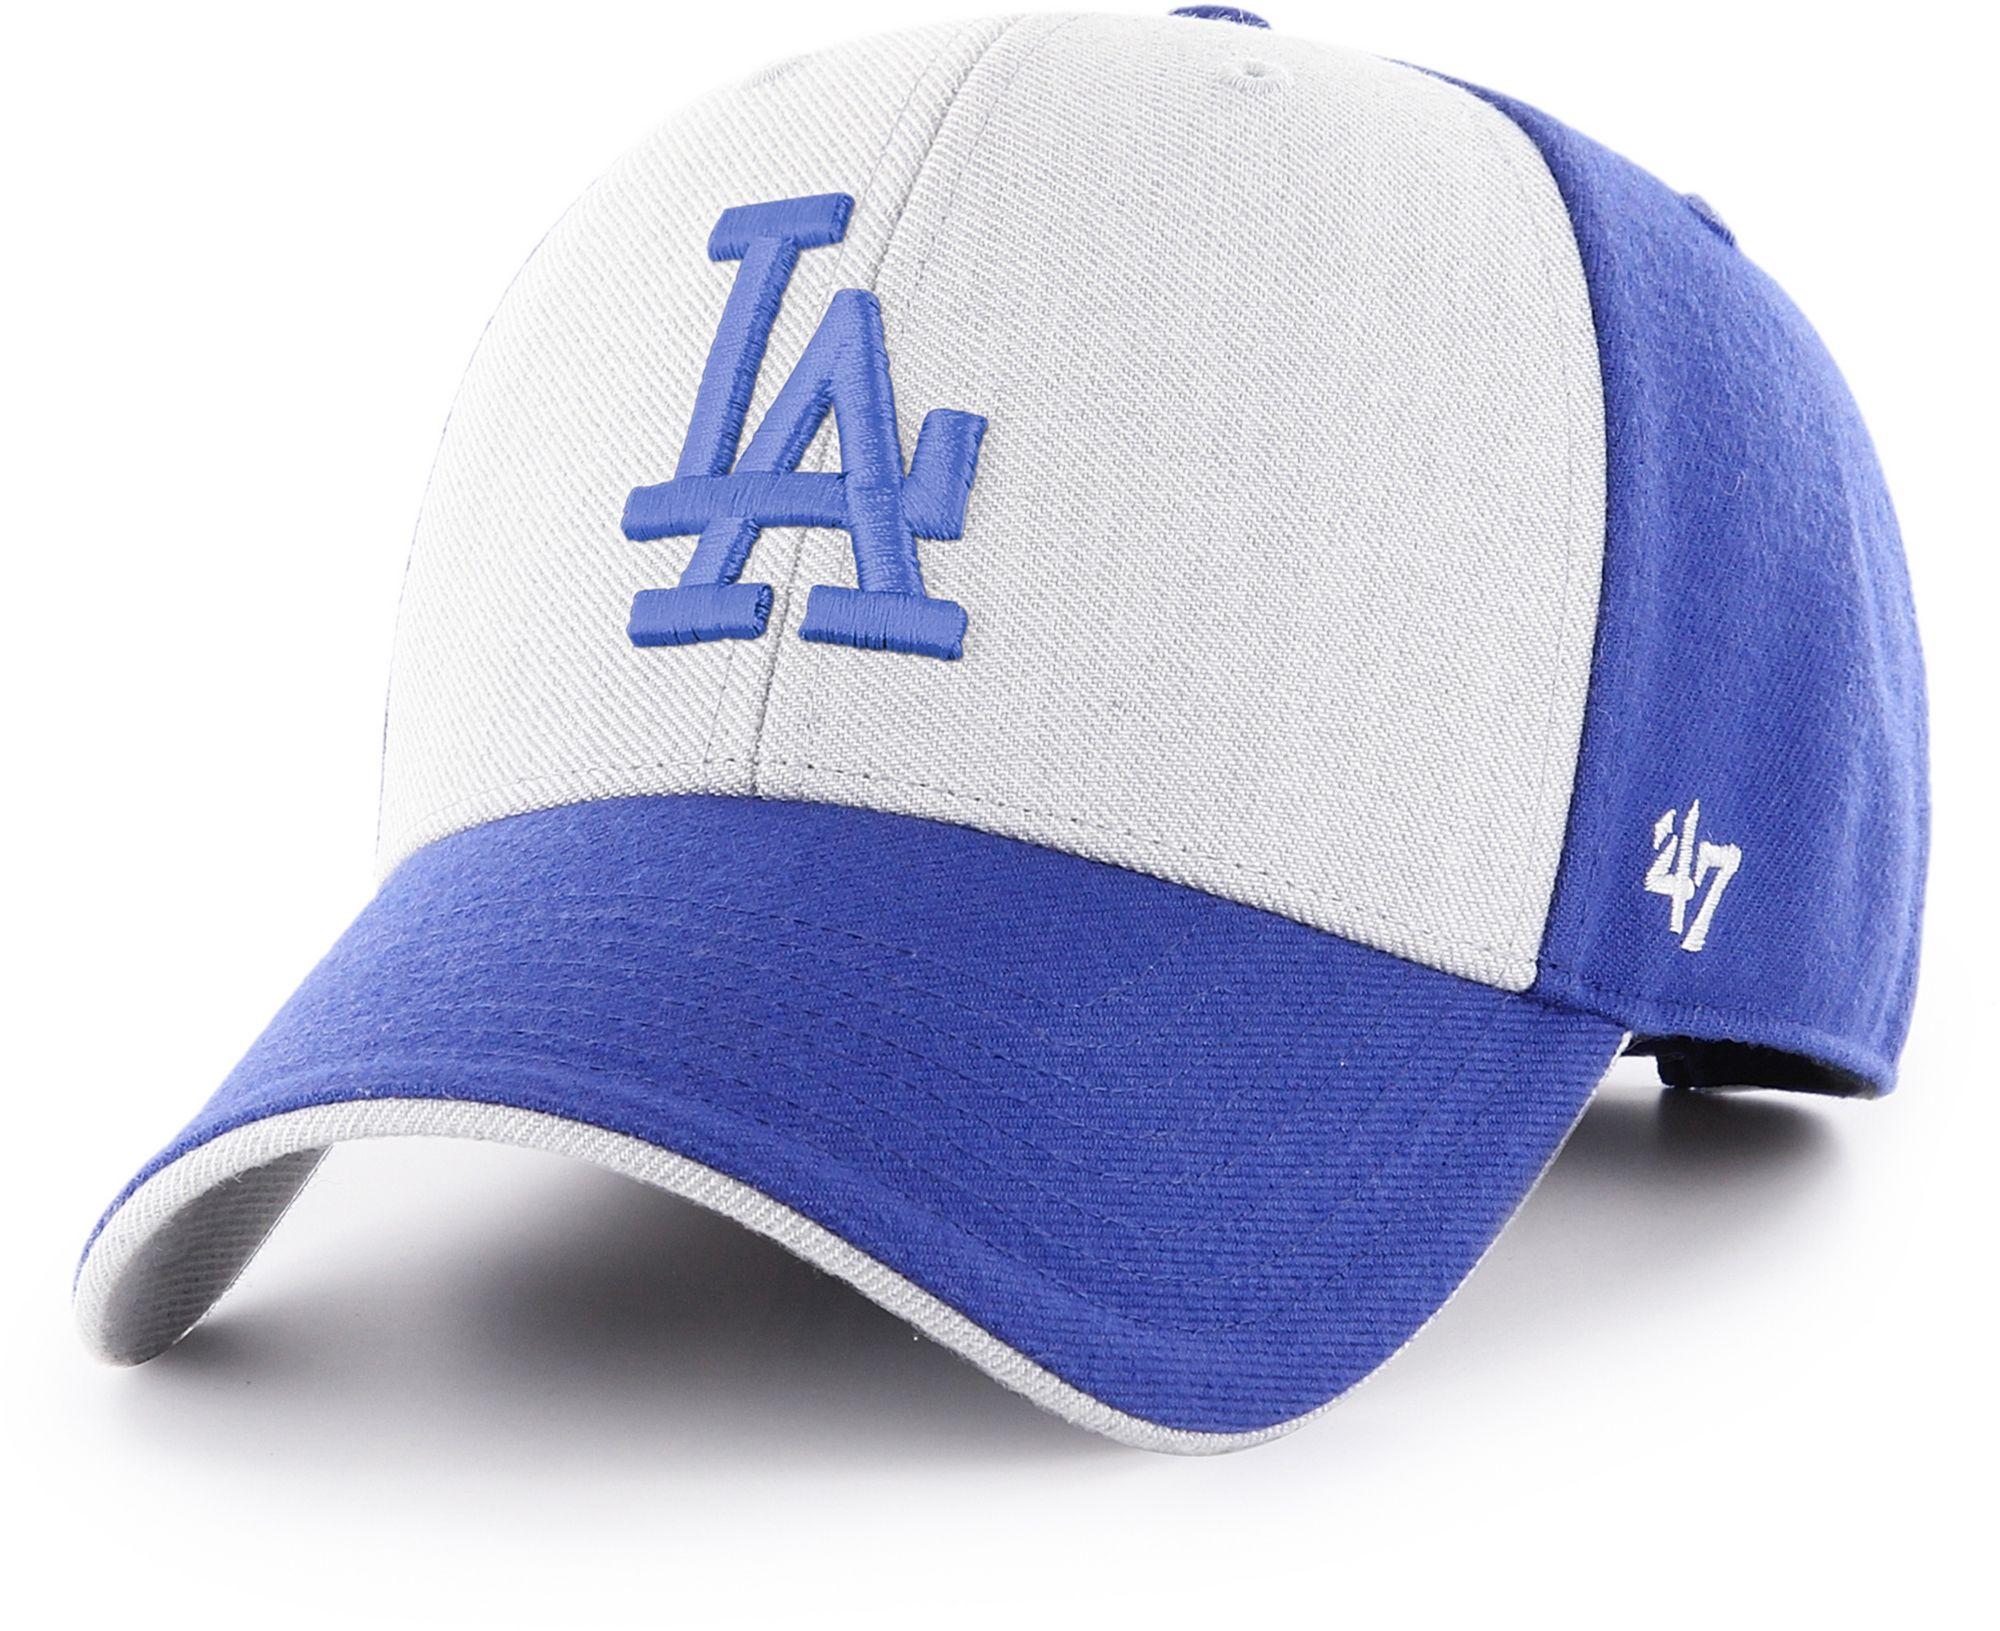 online store d2a54 a027e ... australia 47 mens los angeles dodgers huntsburg mvp adjustable hat  222d0 8a050